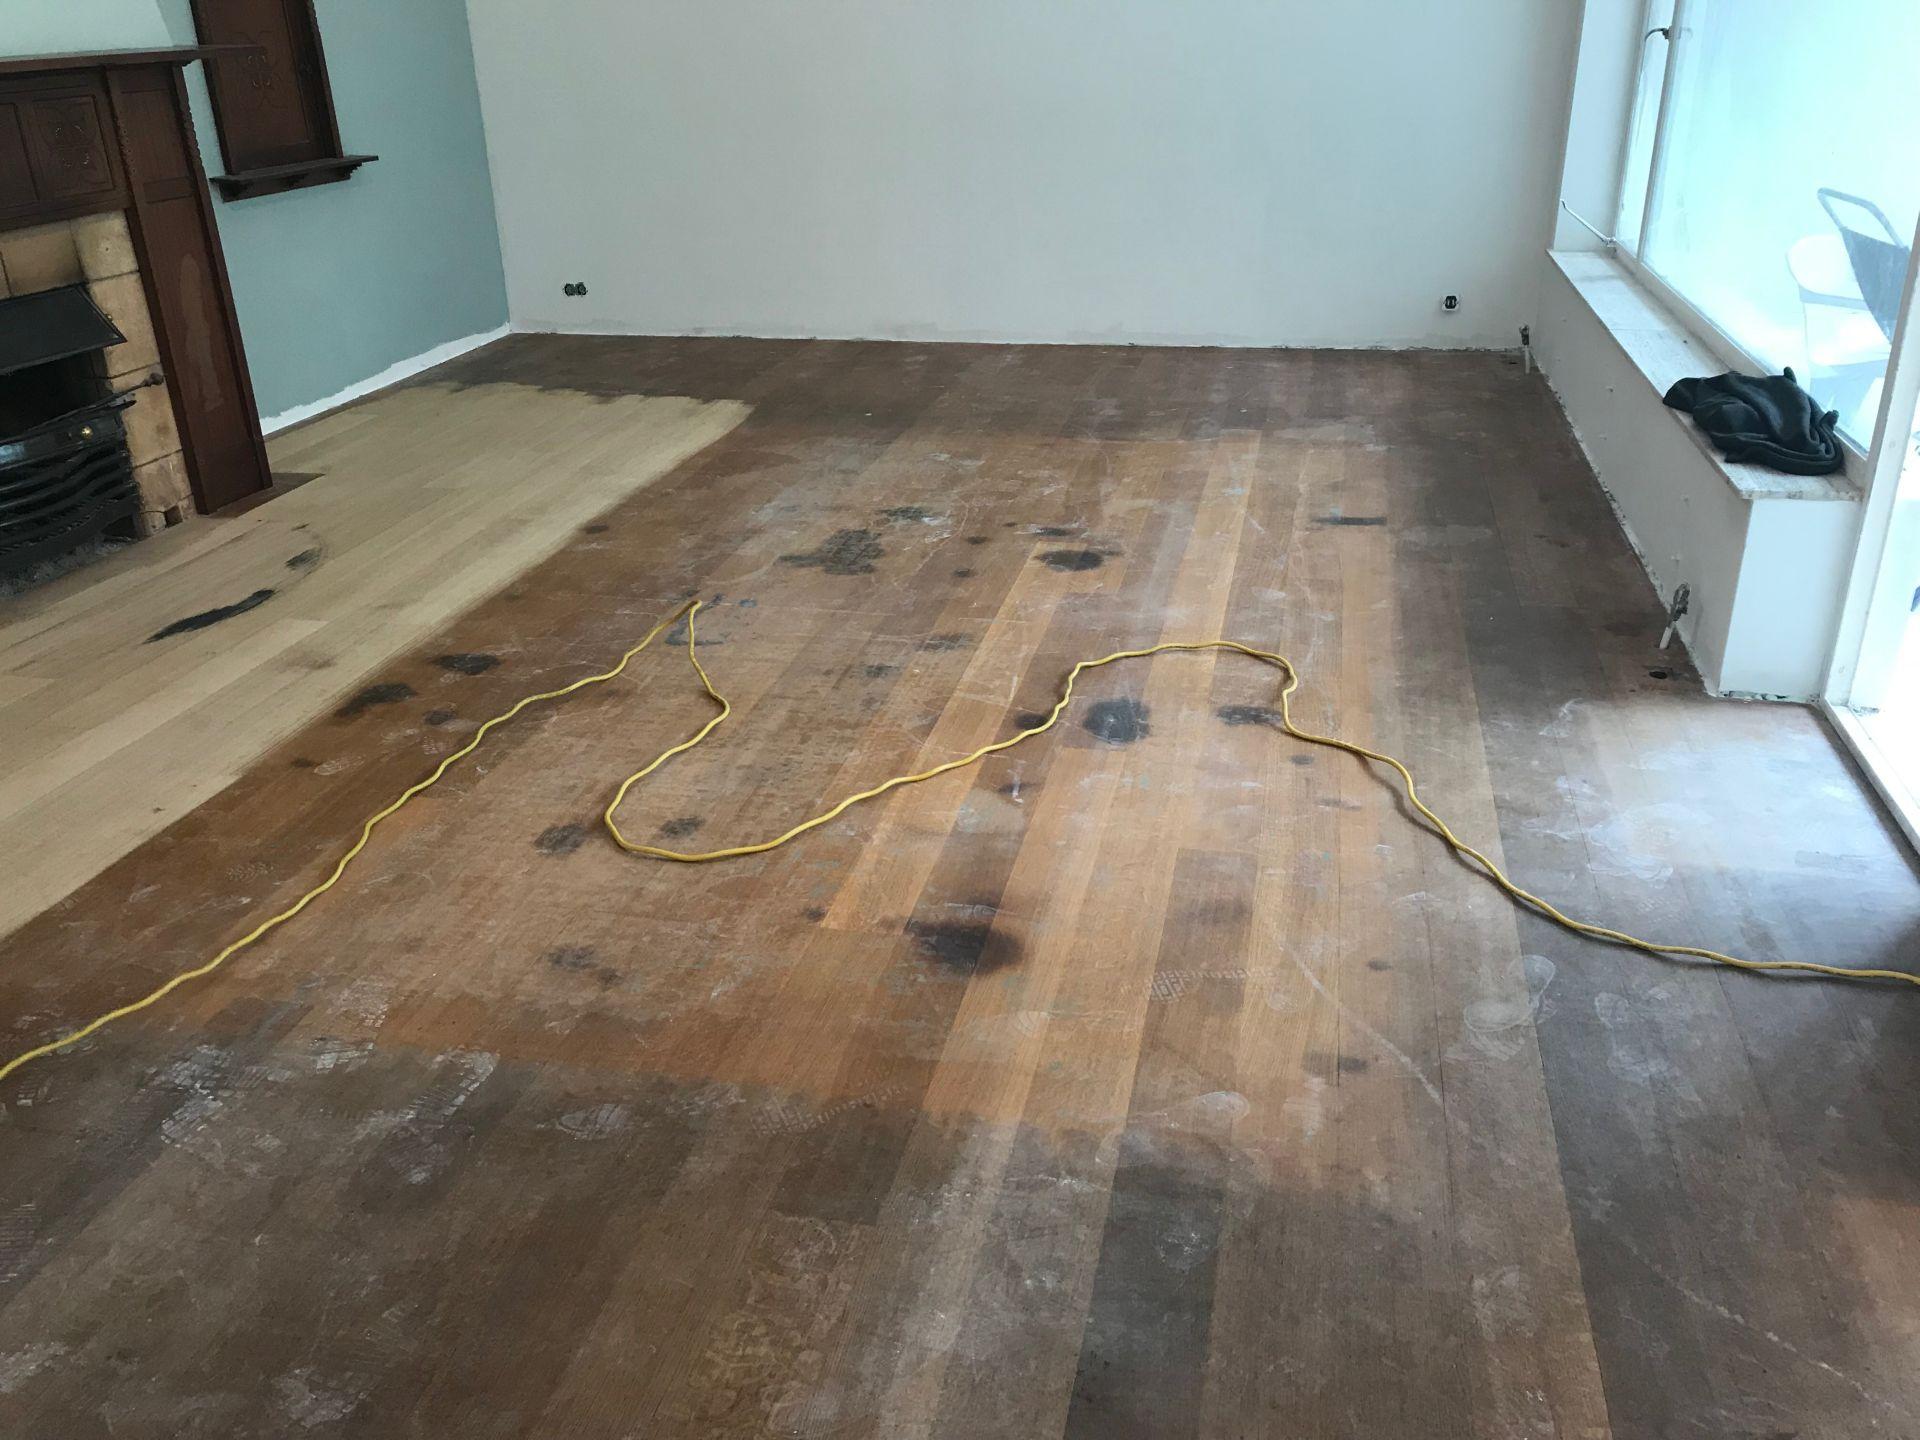 Zeer verweerde vloer met zwarte plekken schuren, borstelen en olien met rubio monocoat kleur smoke.